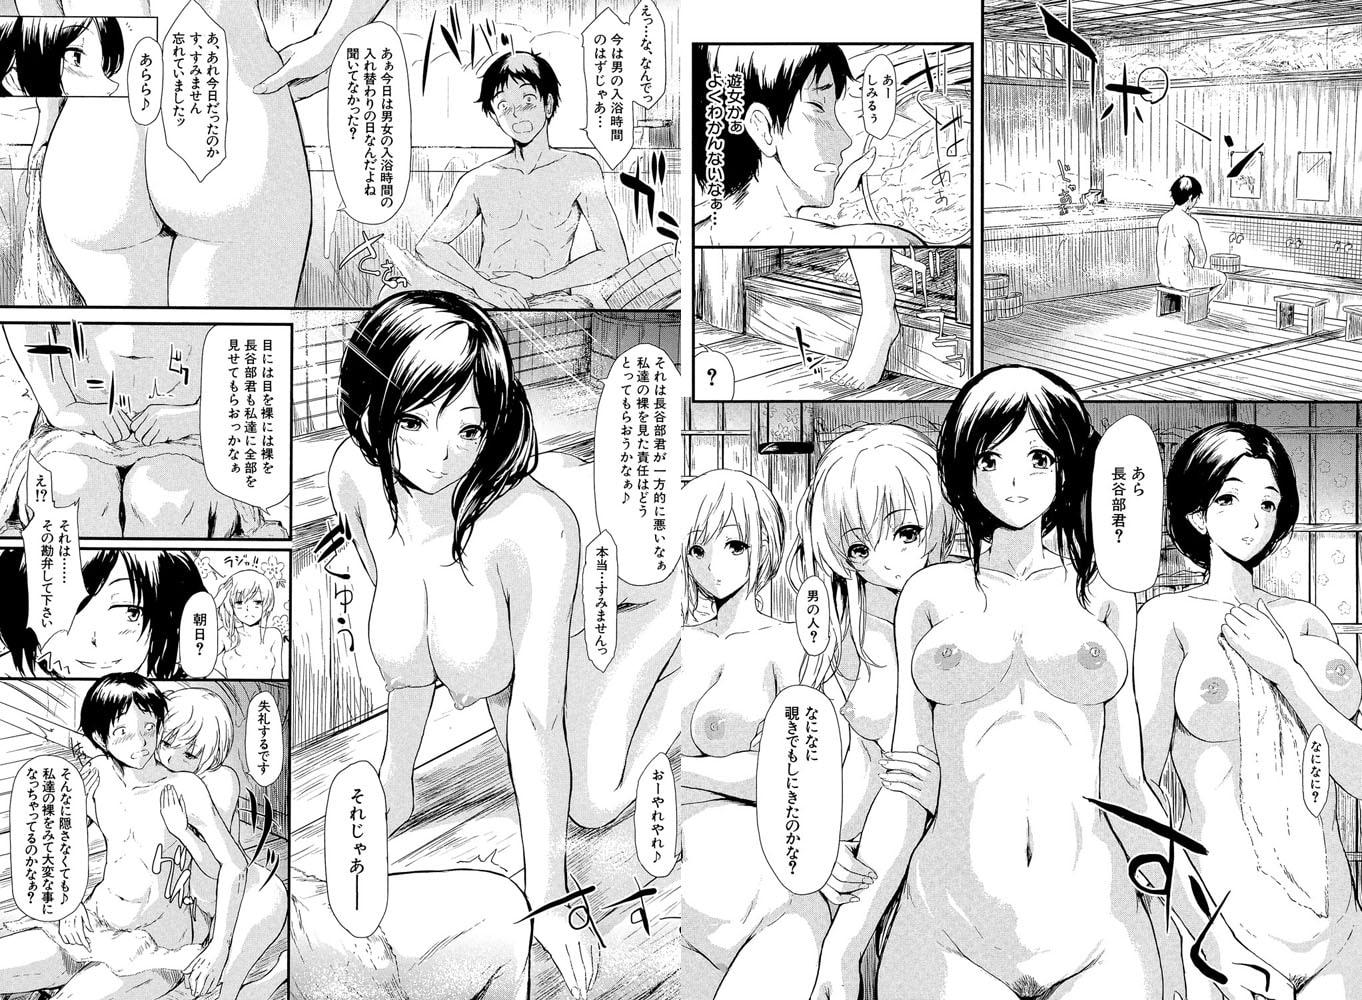 【ティーアイネット】史鬼匠人先生 2冊パック(202005)